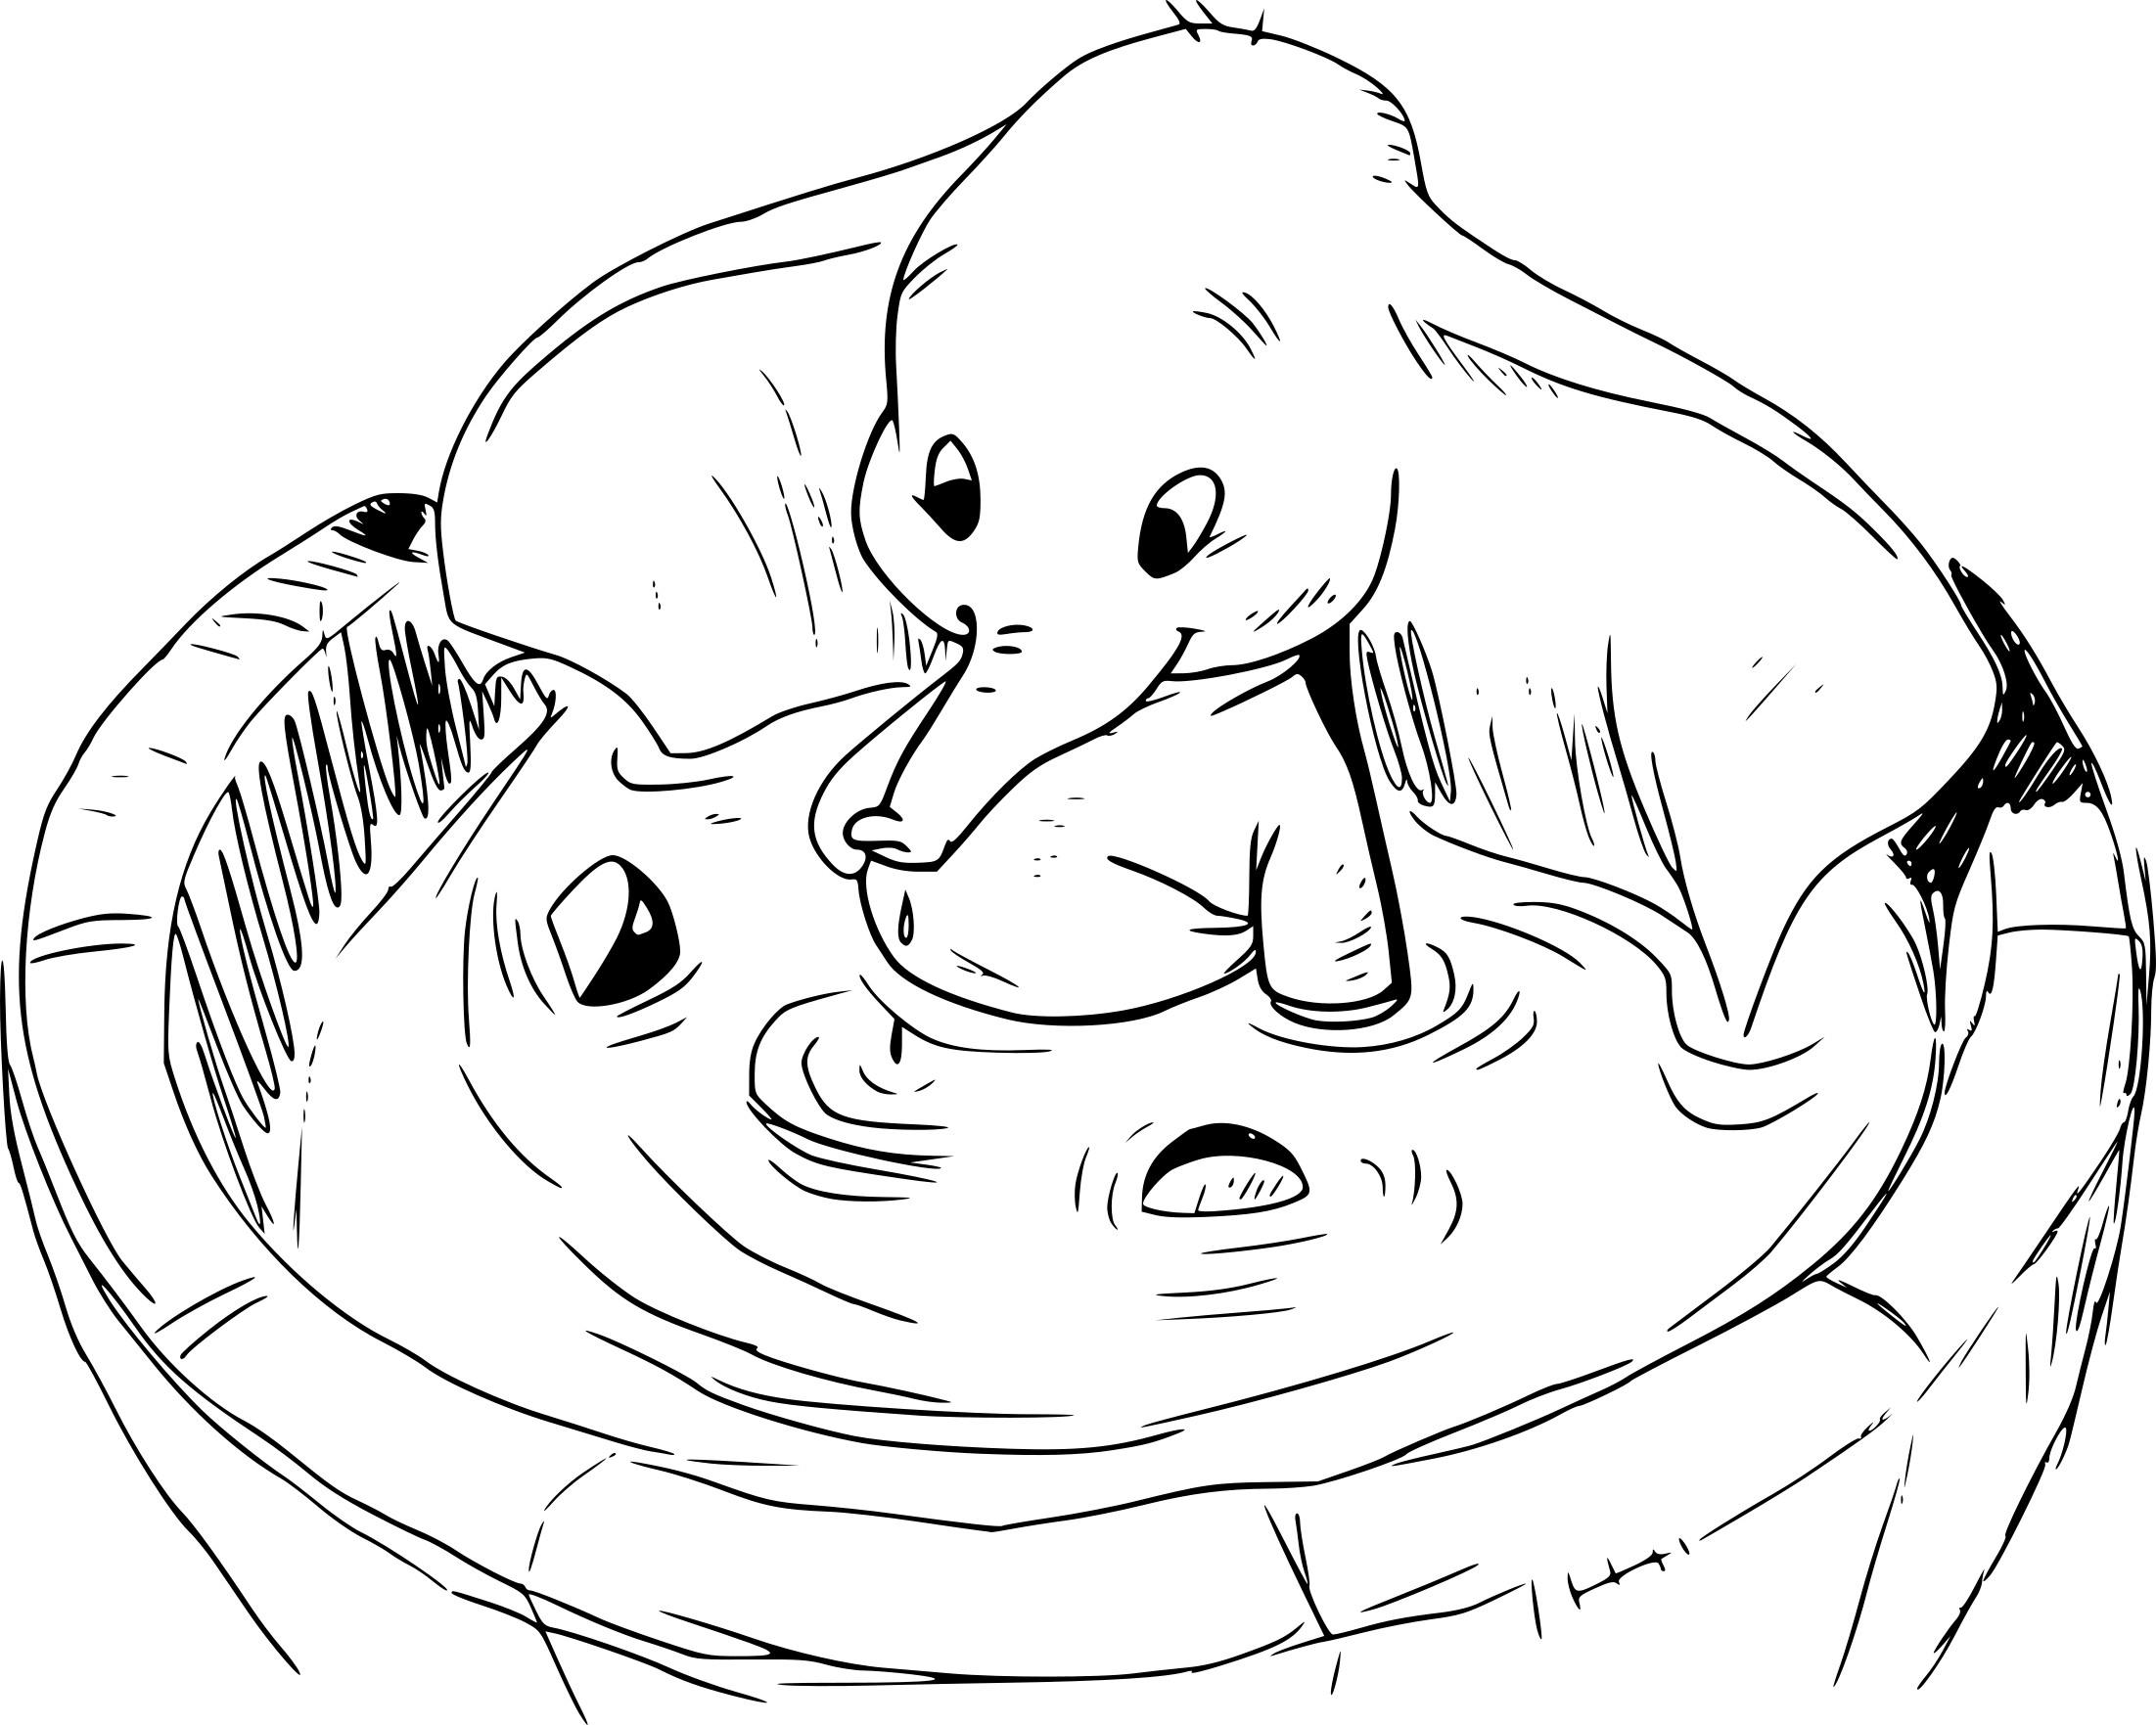 Coloriage Dumbo Dans L'eau À Imprimer Sur Coloriages à Dessin Dumbo